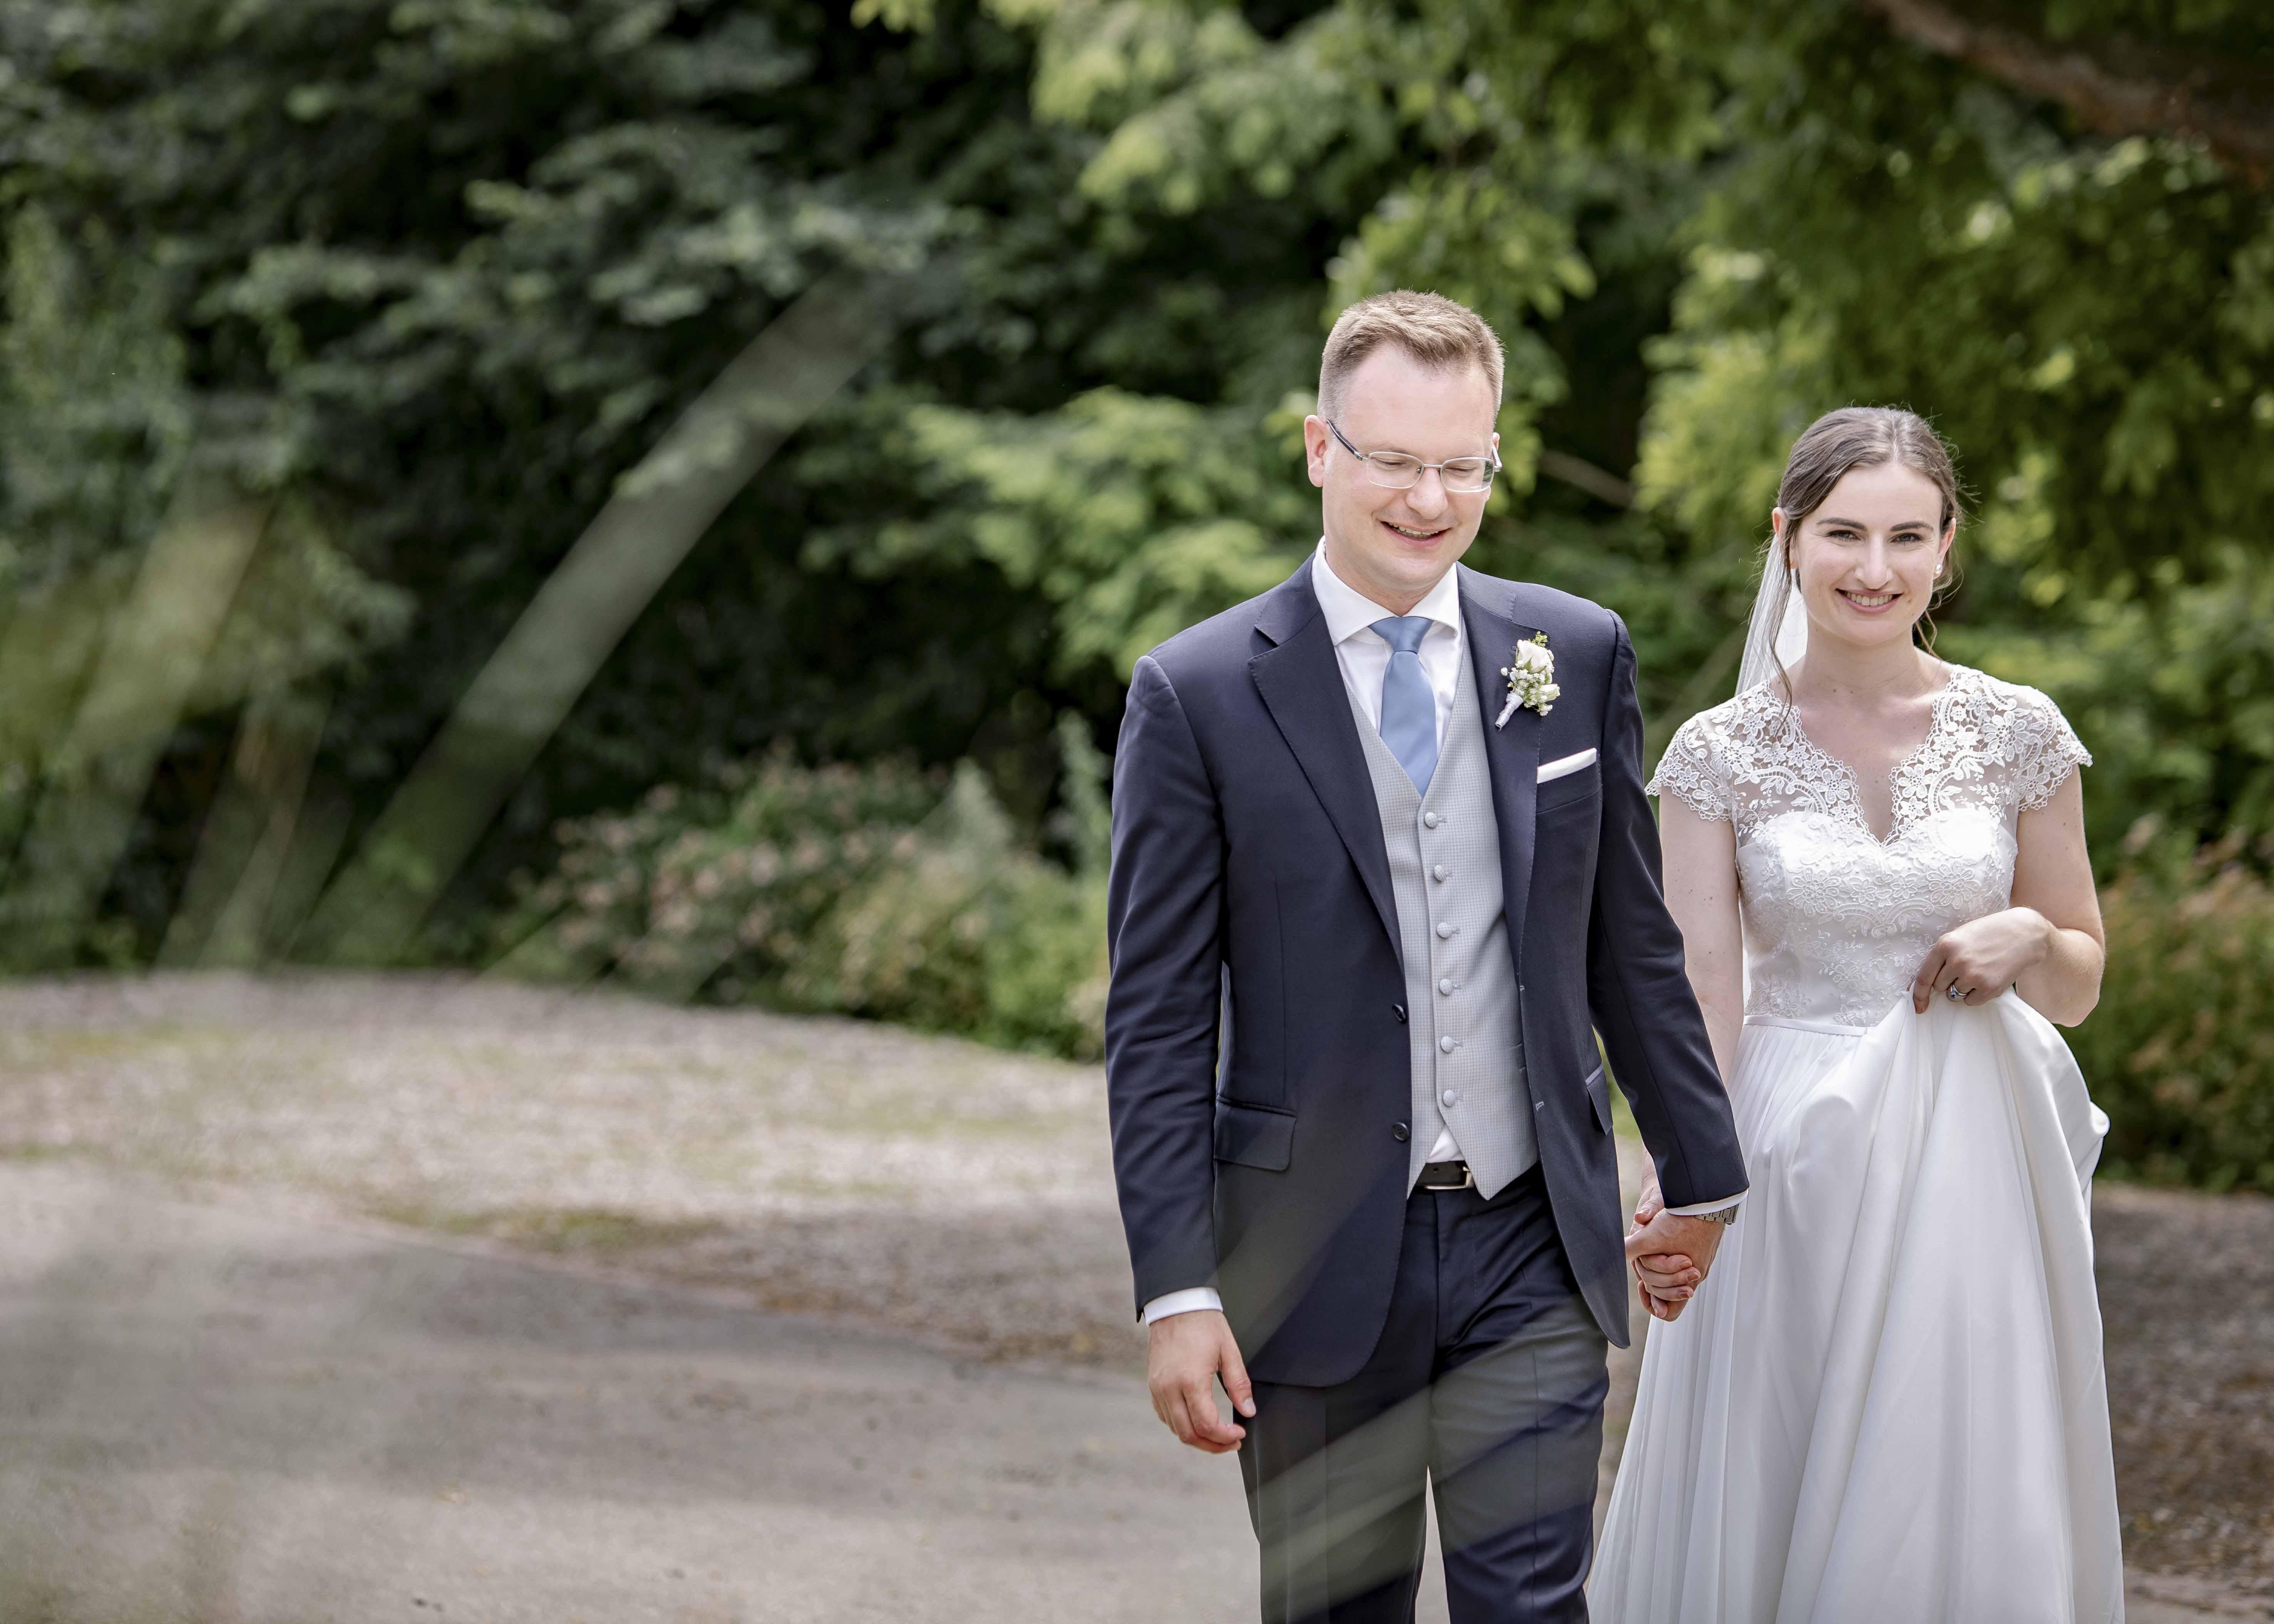 Lifestyle Photodesign Melanie Schmidt Hochzeitsfotografin Freiburg Wedding Standesamt Trauung Muenstertal Klostermuehle 152 Min